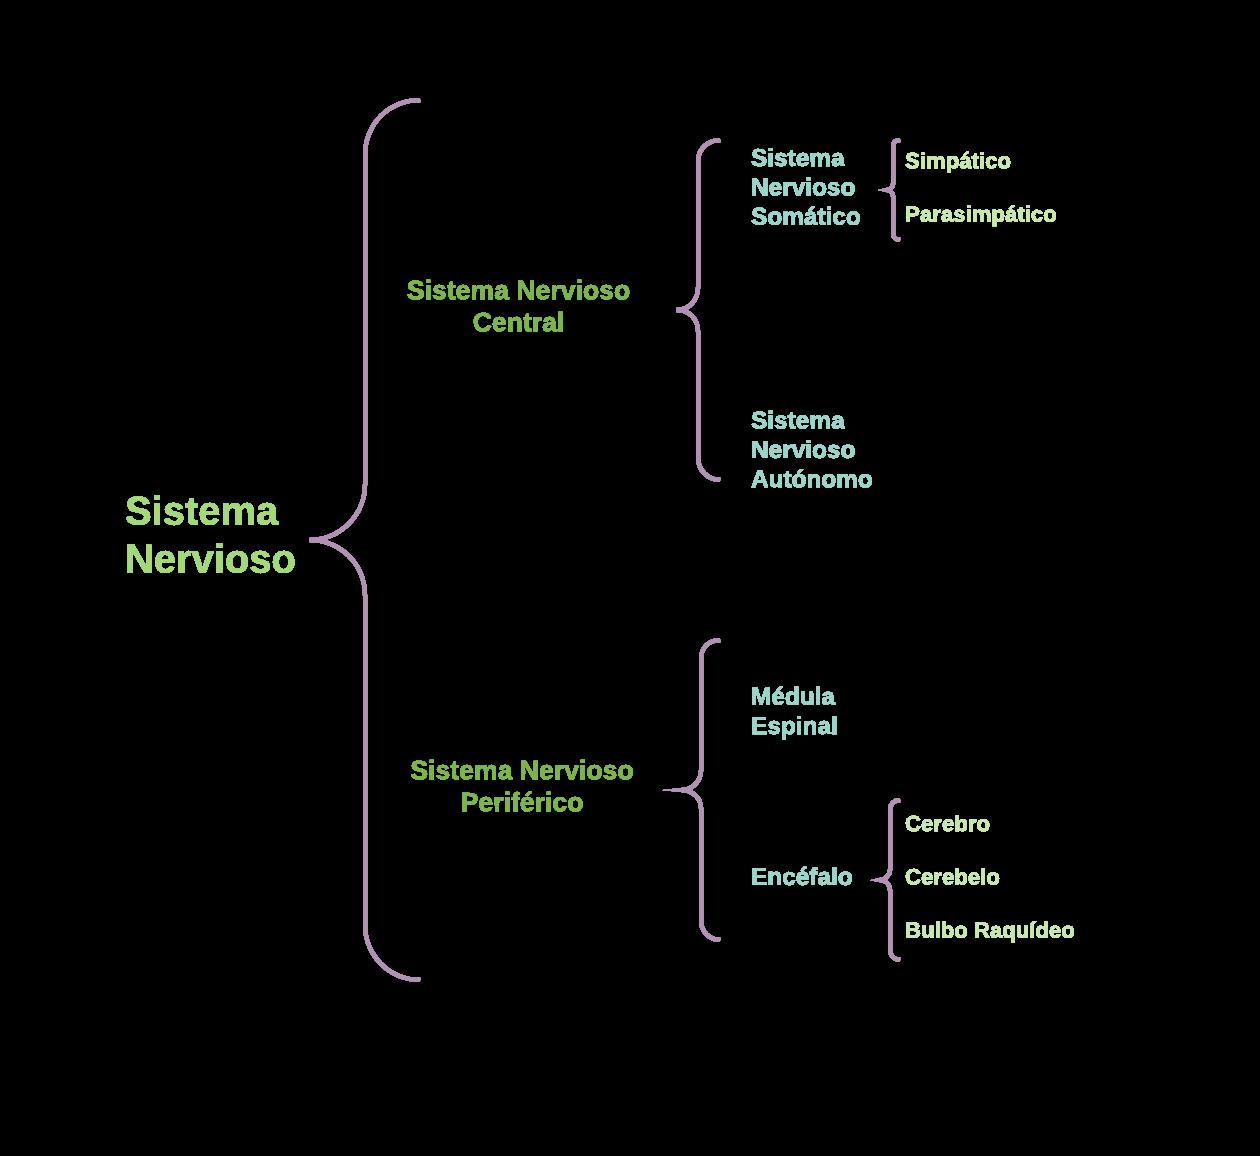 Cuadro Sinoptico del Sistema Nervioso